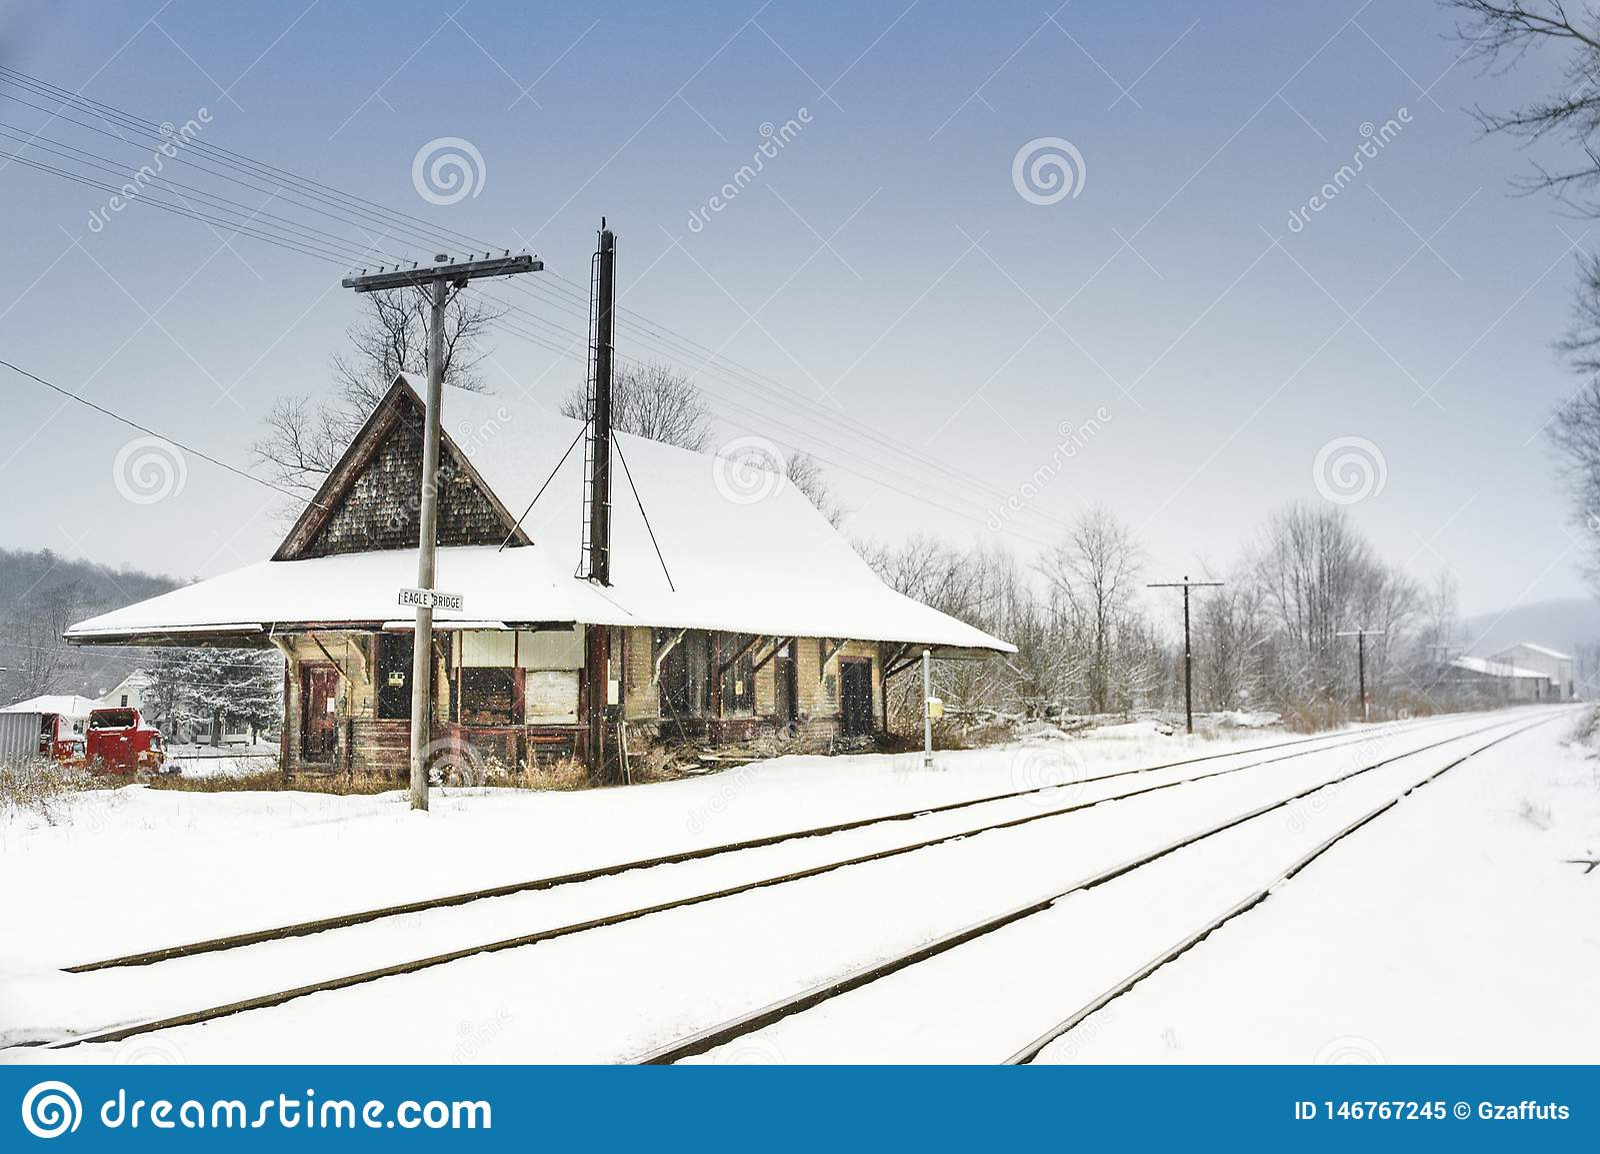 Depósito de trem abandonado no inverno com neve